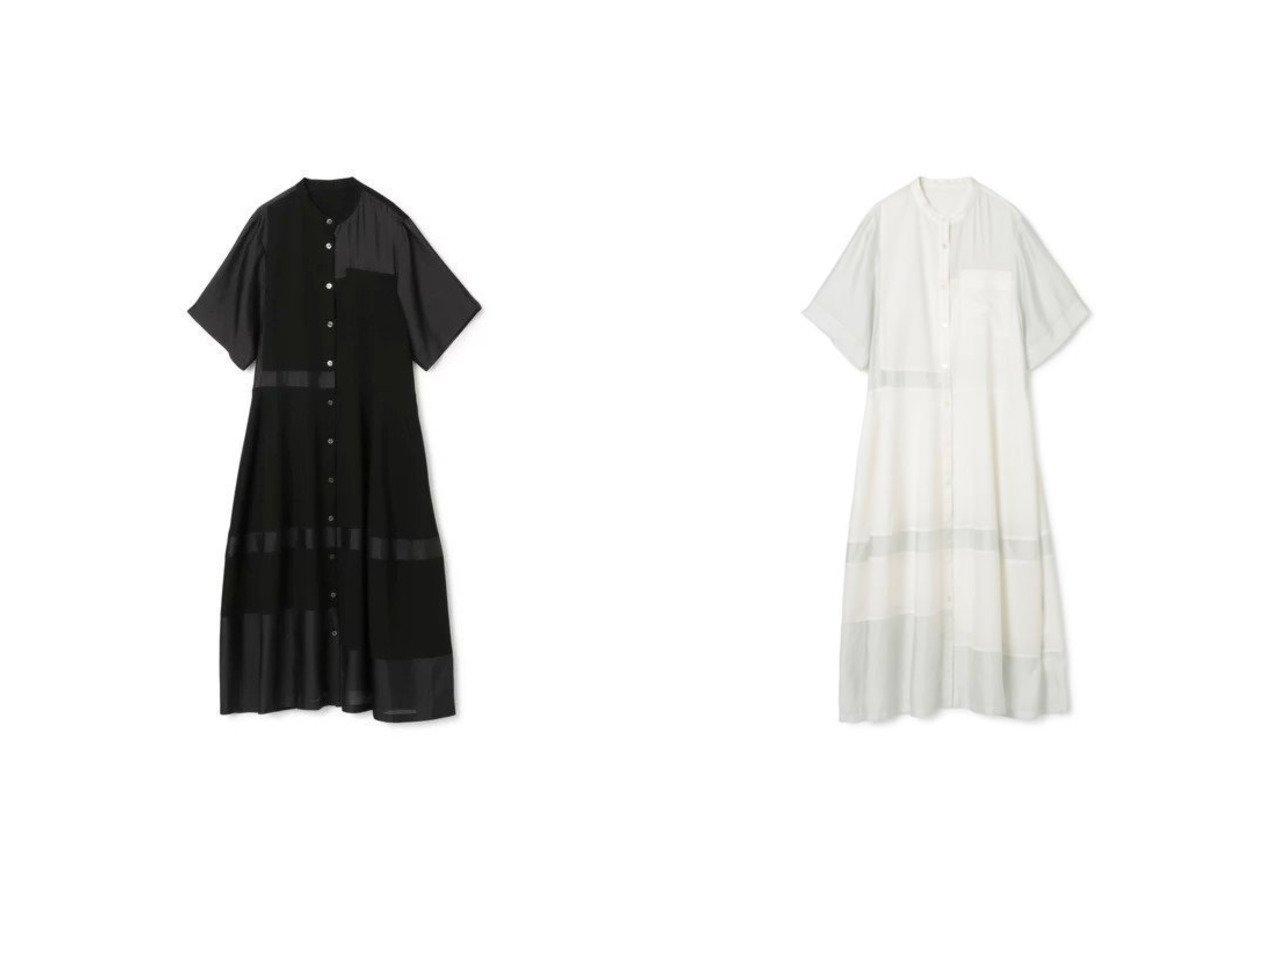 【LE CIEL BLEU/ルシェル ブルー】のContrastingFabricDress 【ワンピース・ドレス】おすすめ!人気、トレンド・レディースファッションの通販 おすすめで人気の流行・トレンド、ファッションの通販商品 インテリア・家具・メンズファッション・キッズファッション・レディースファッション・服の通販 founy(ファニー) https://founy.com/ ファッション Fashion レディースファッション WOMEN ワンピース Dress ドレス Party Dresses シャツワンピース Shirt Dresses シアー ドレス ブロッキング モノトーン 半袖 洗える |ID:crp329100000047632